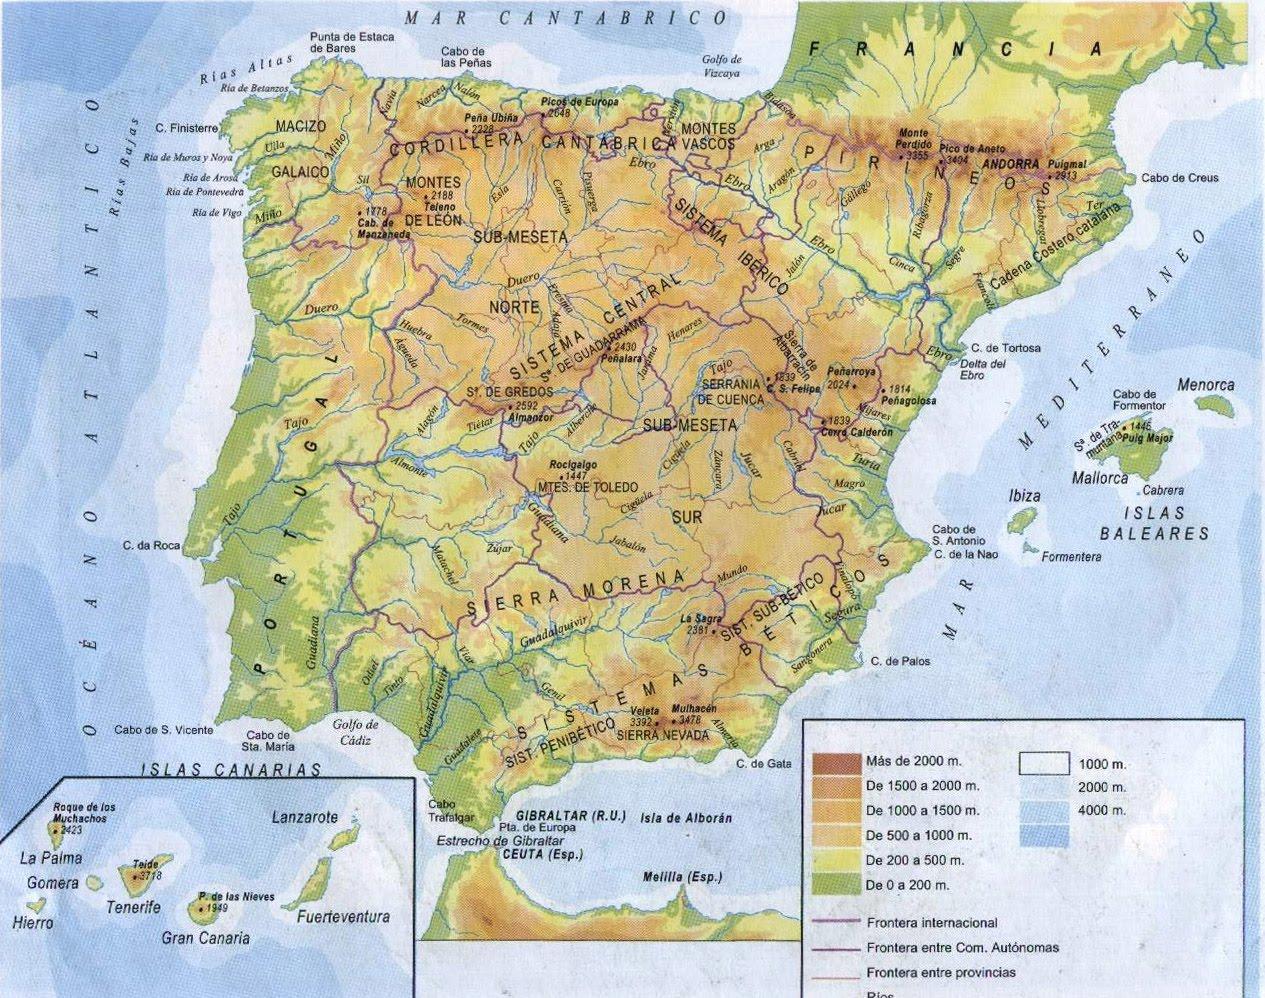 http://3.bp.blogspot.com/_94zM2R3LDyw/S7yEQB4E1nI/AAAAAAAAAAM/R0GGN2ZdluI/s1600/piberica_fisica.jpg